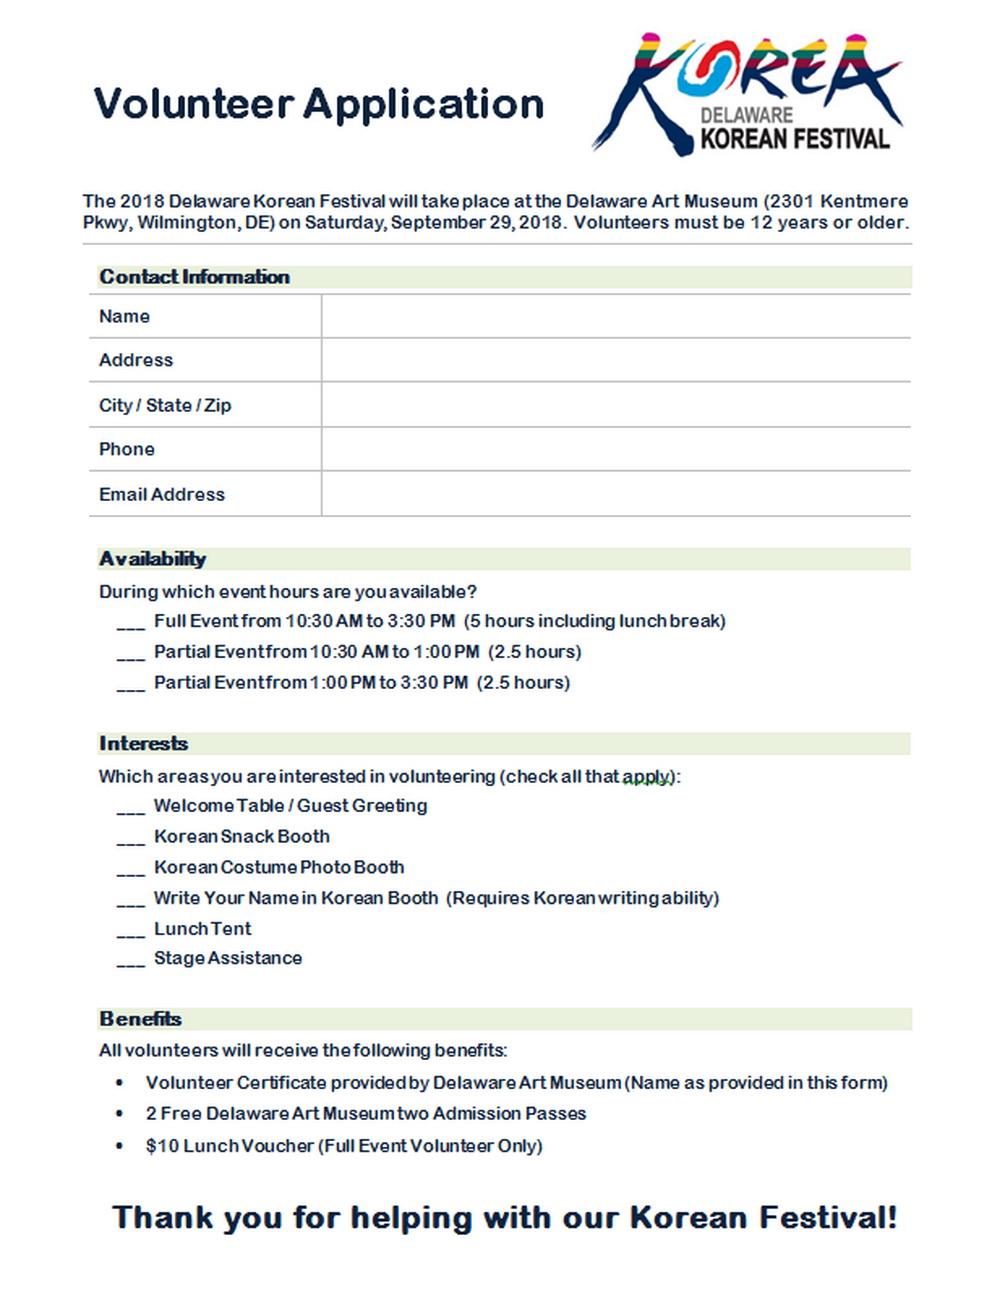 K festival.volunteer form2018 .jpg